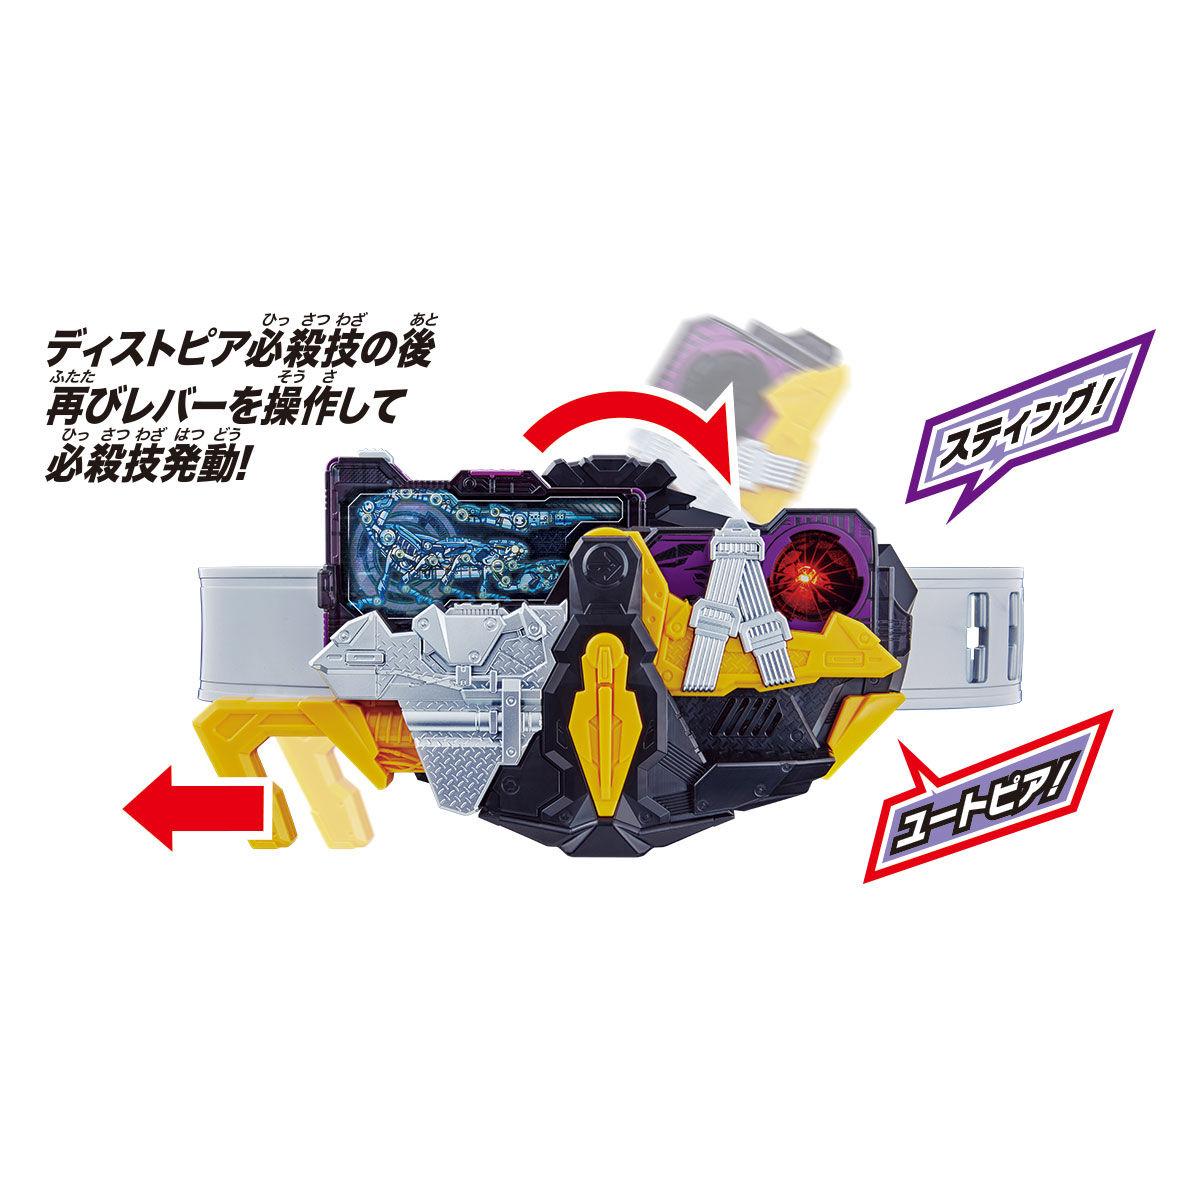 仮面ライダーゼロワン『DX滅亡迅雷フォースライザー』変身ベルト-008